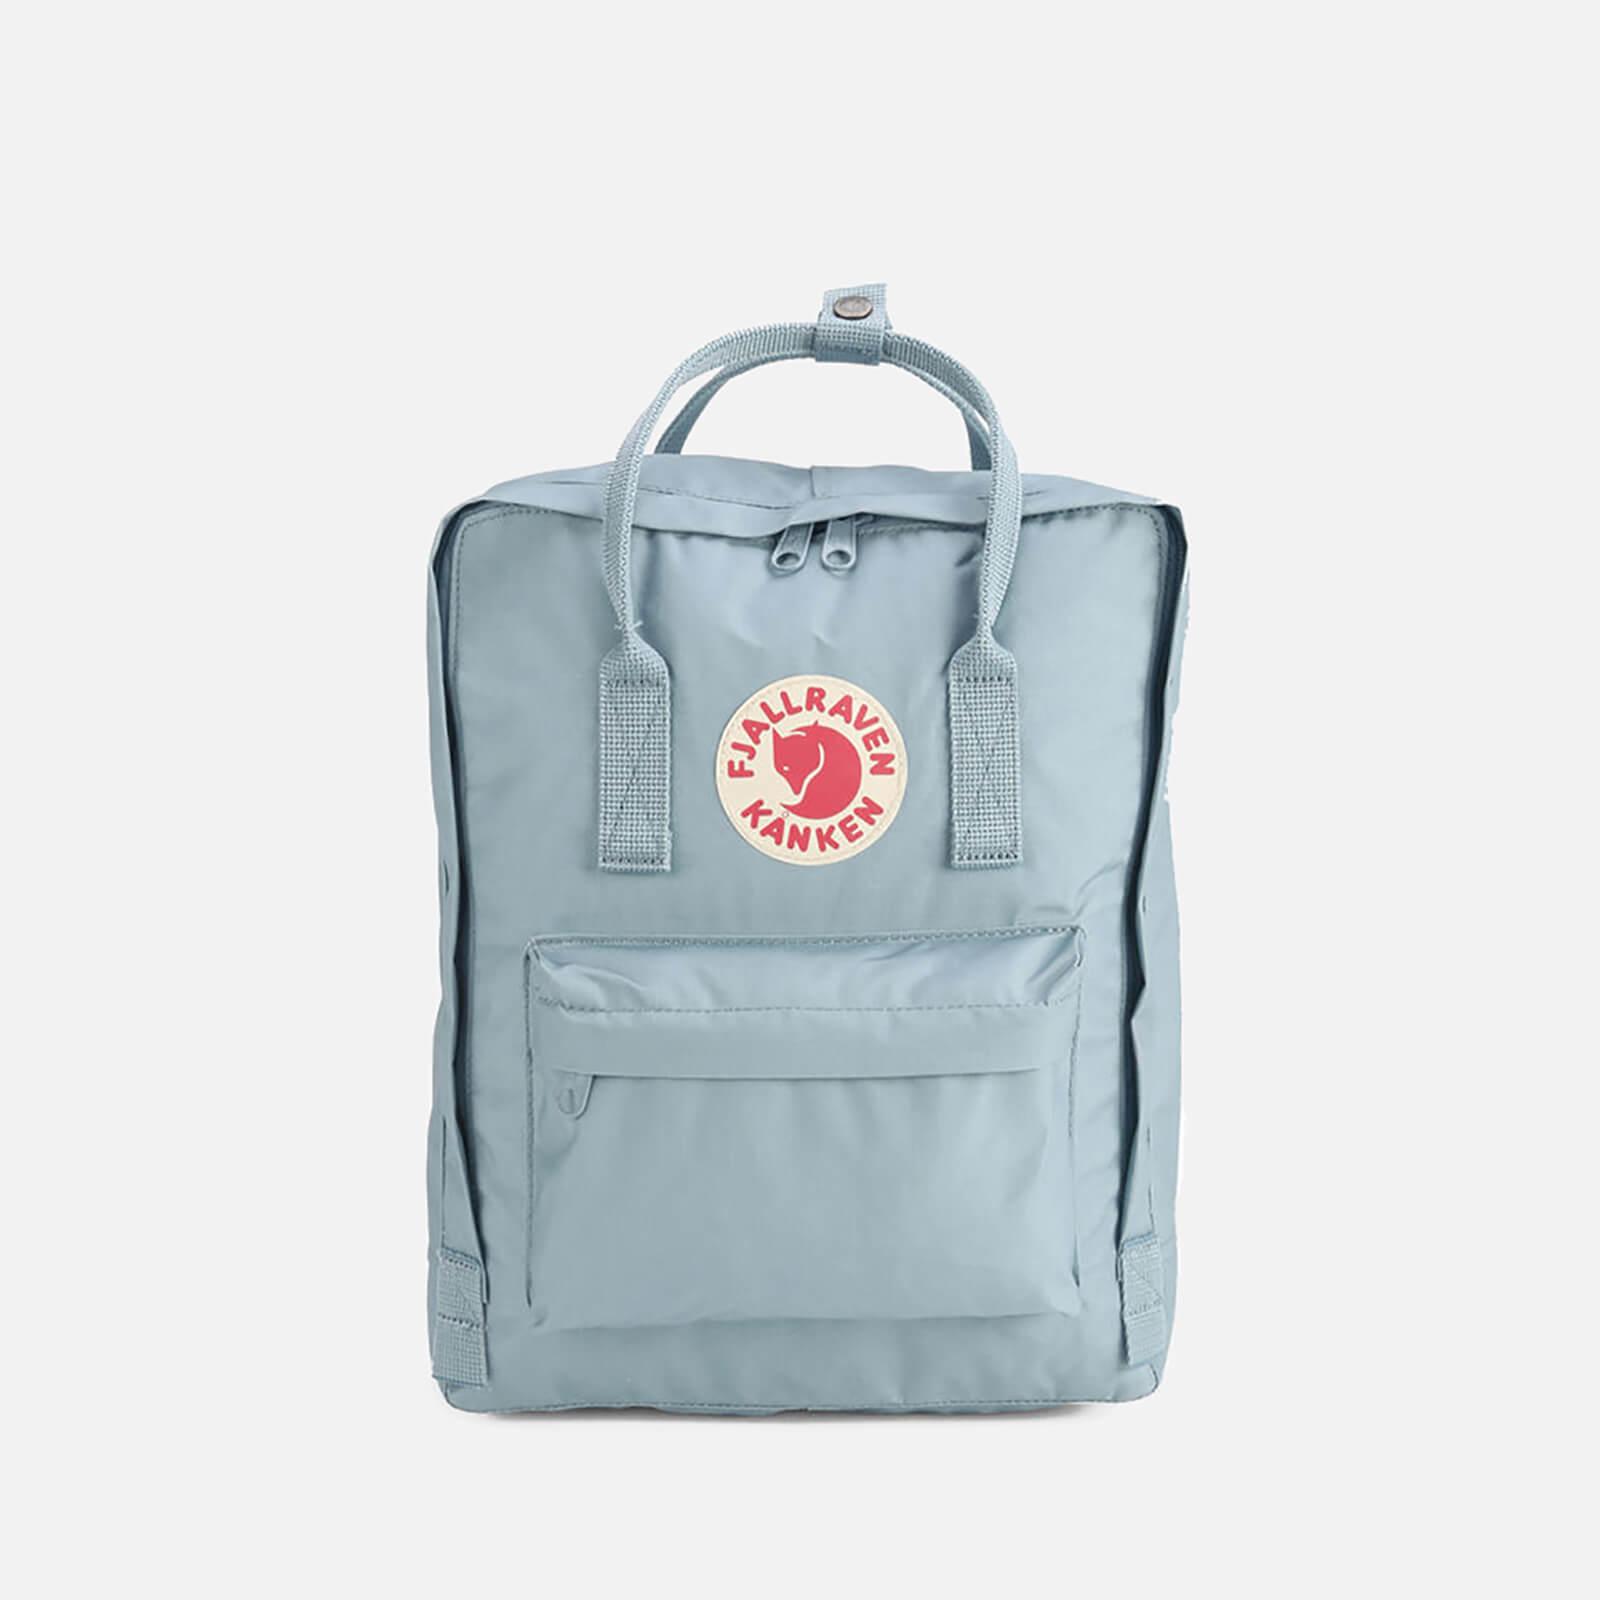 online verkoop details voor groothandel Fjallraven Women's Kanken Backpack - Sky Blue